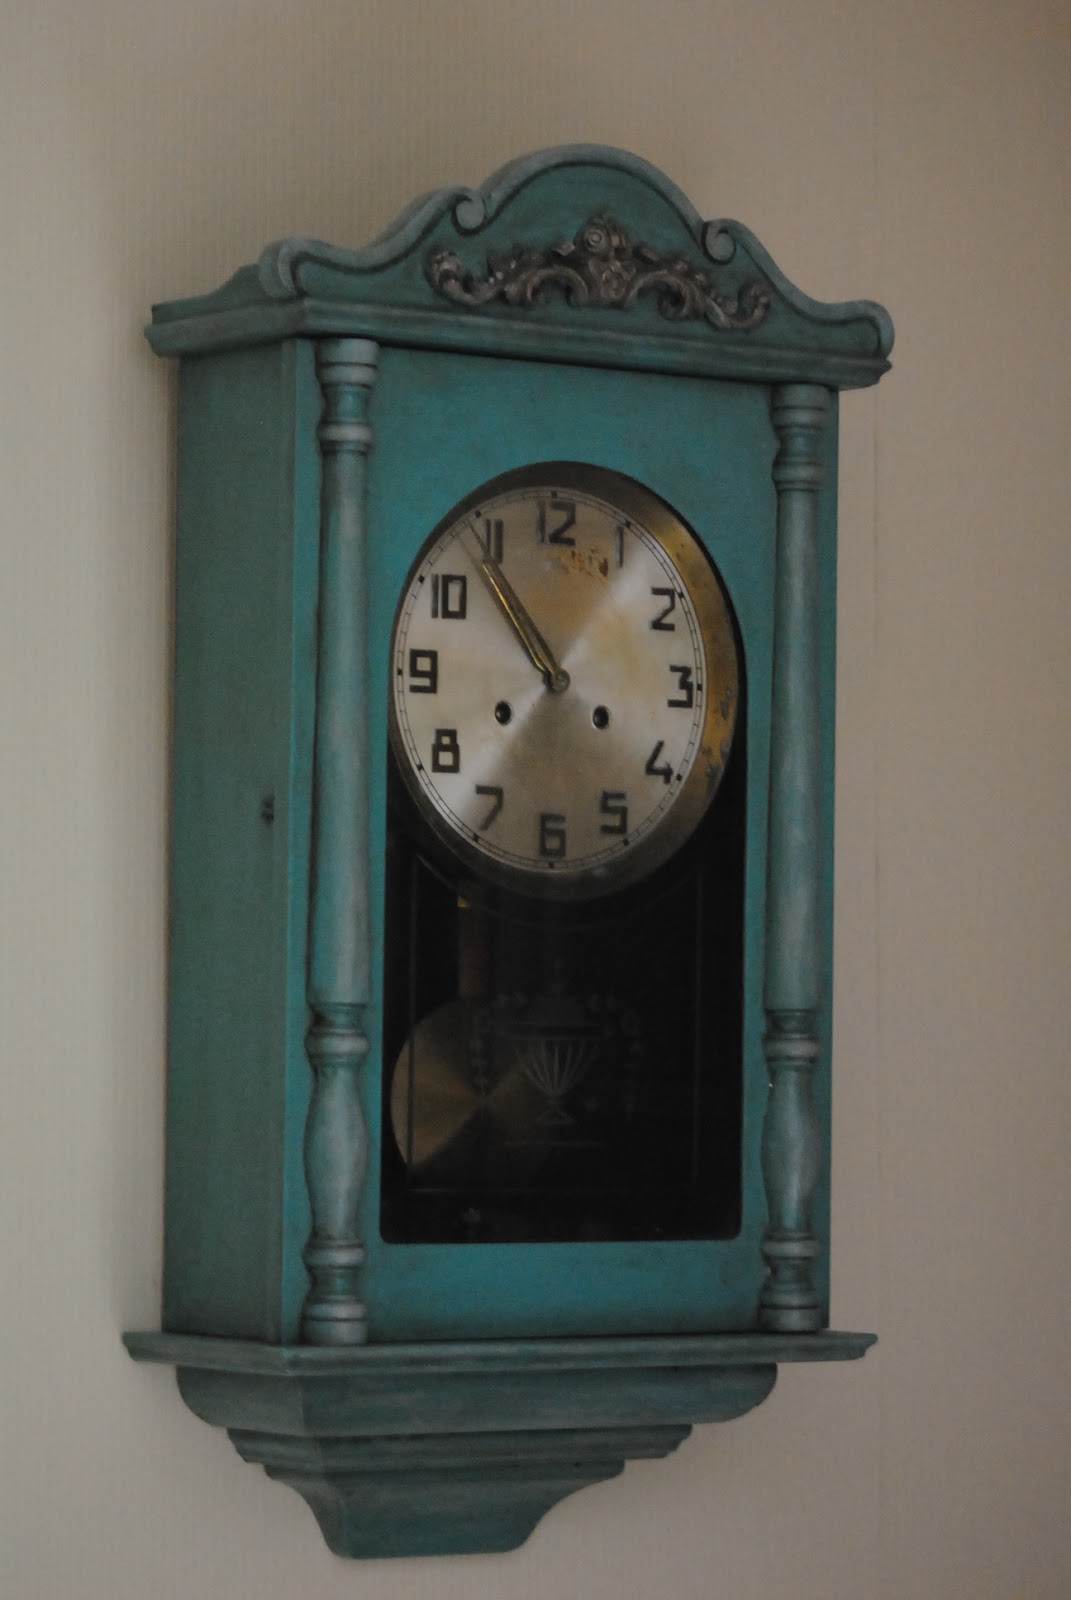 Decorando online reloj de pared pintado - Reloj para pared ...